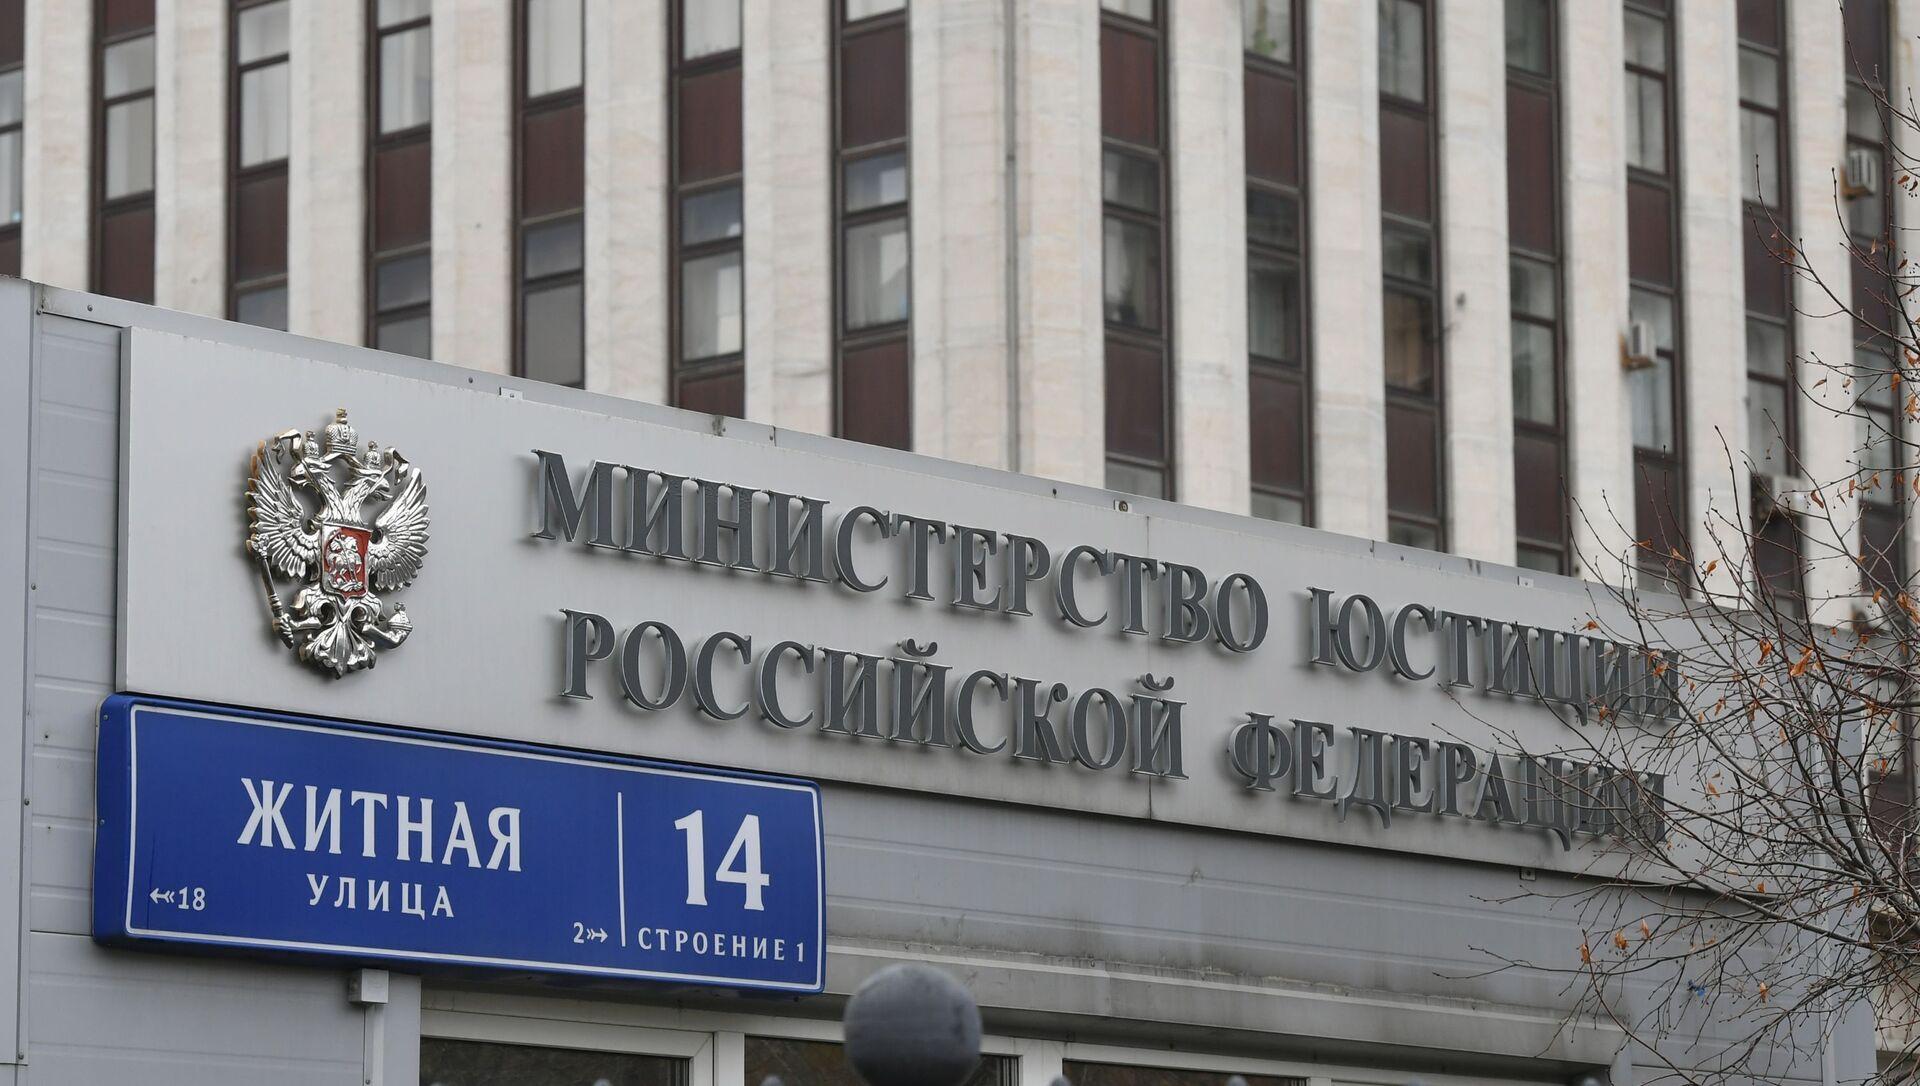 Здание министерства юстиции РФ на Житной улице в Москве. - Sputnik Абхазия, 1920, 03.10.2021